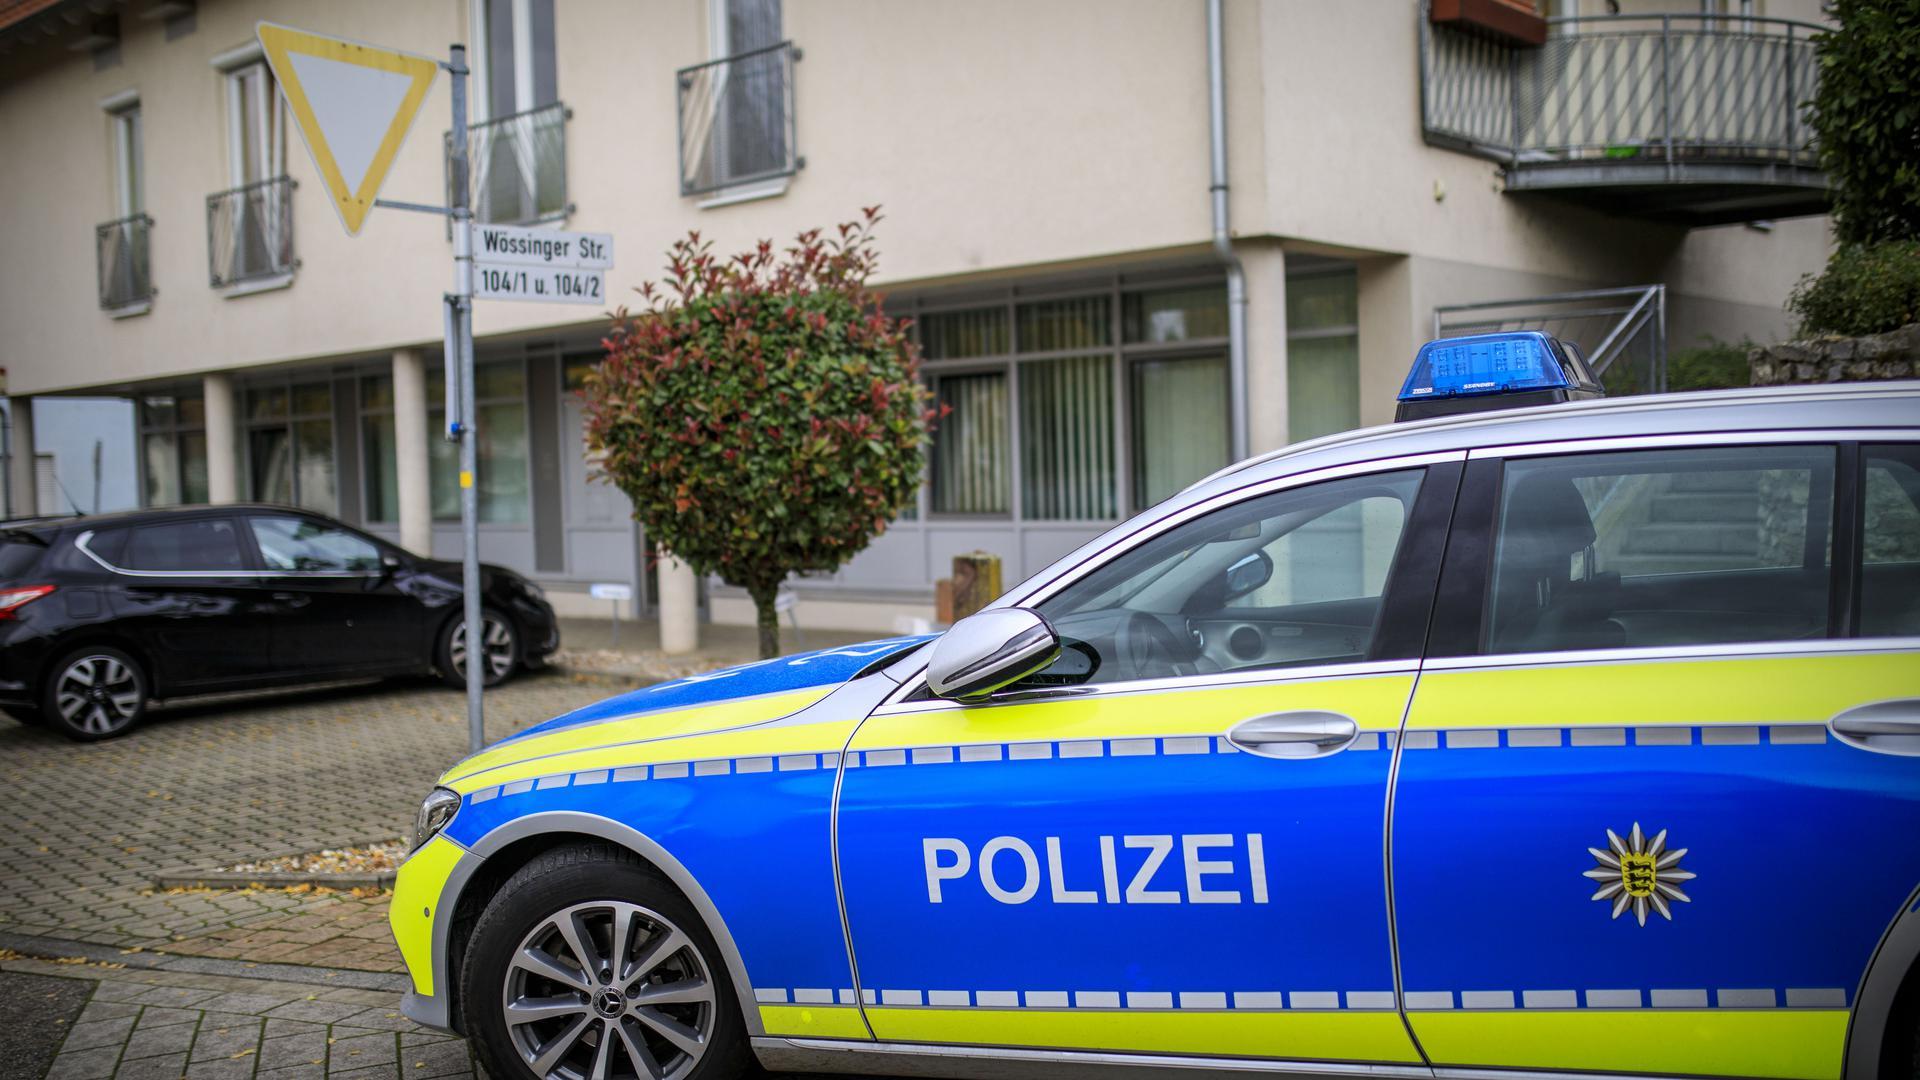 Ein Polizeifahrzeug vor einem Haus